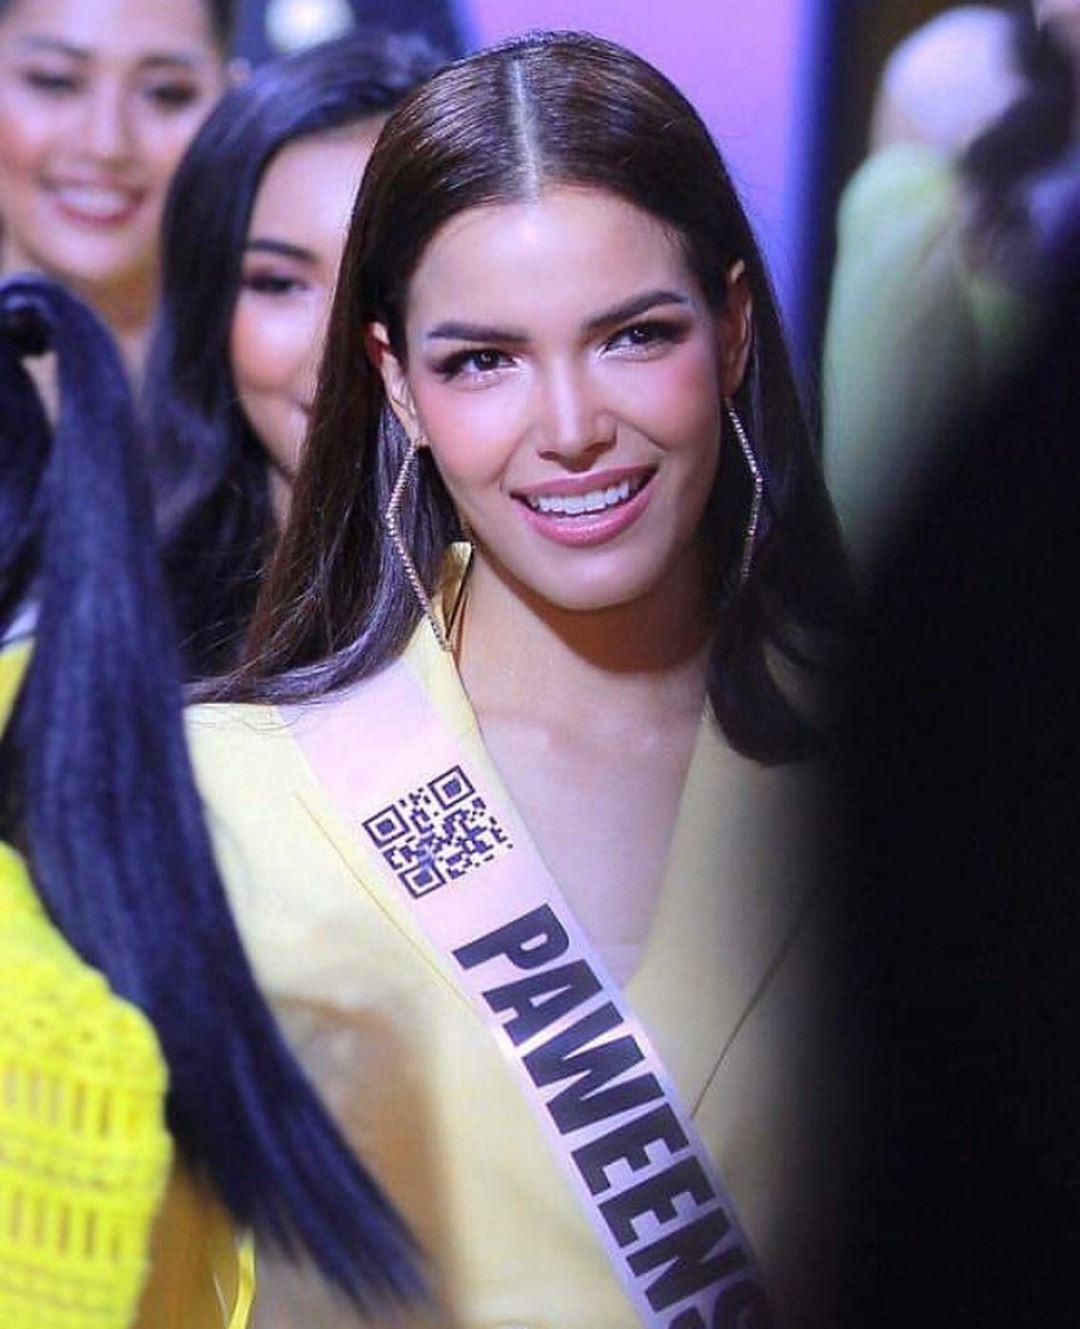 Mỹ nhân 25 tuổi vừa đăng quang Hoa hậu Hoàn vũ Thái: Con lai 2 dòng máu, lội ngược dòng ngoạn mục từ Á thành Hoa - Ảnh 11.